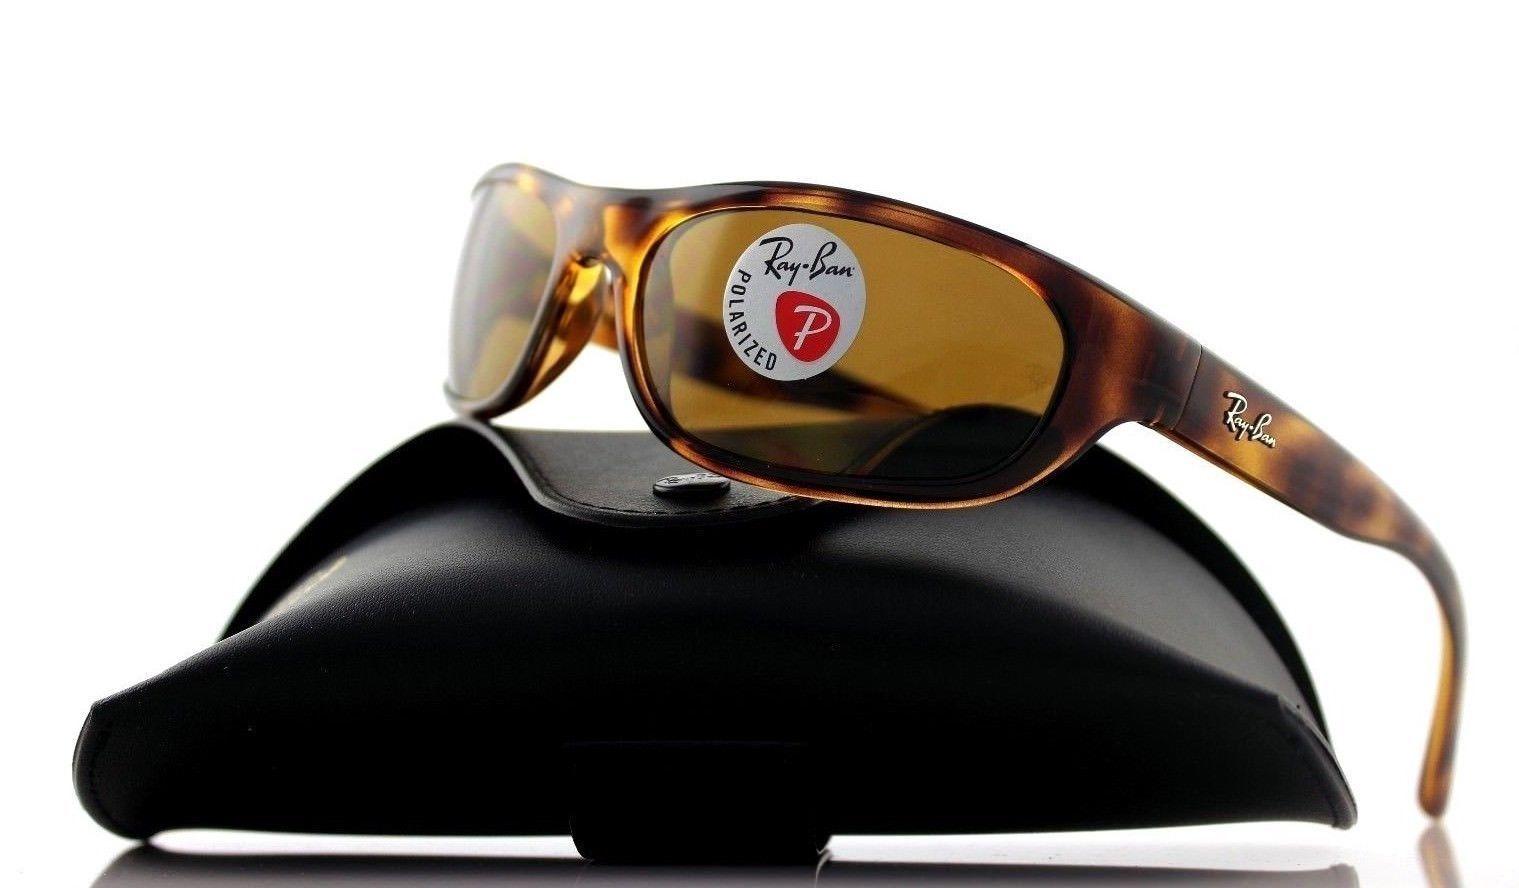 ray ban predator 60mm non-polarized sunglasses